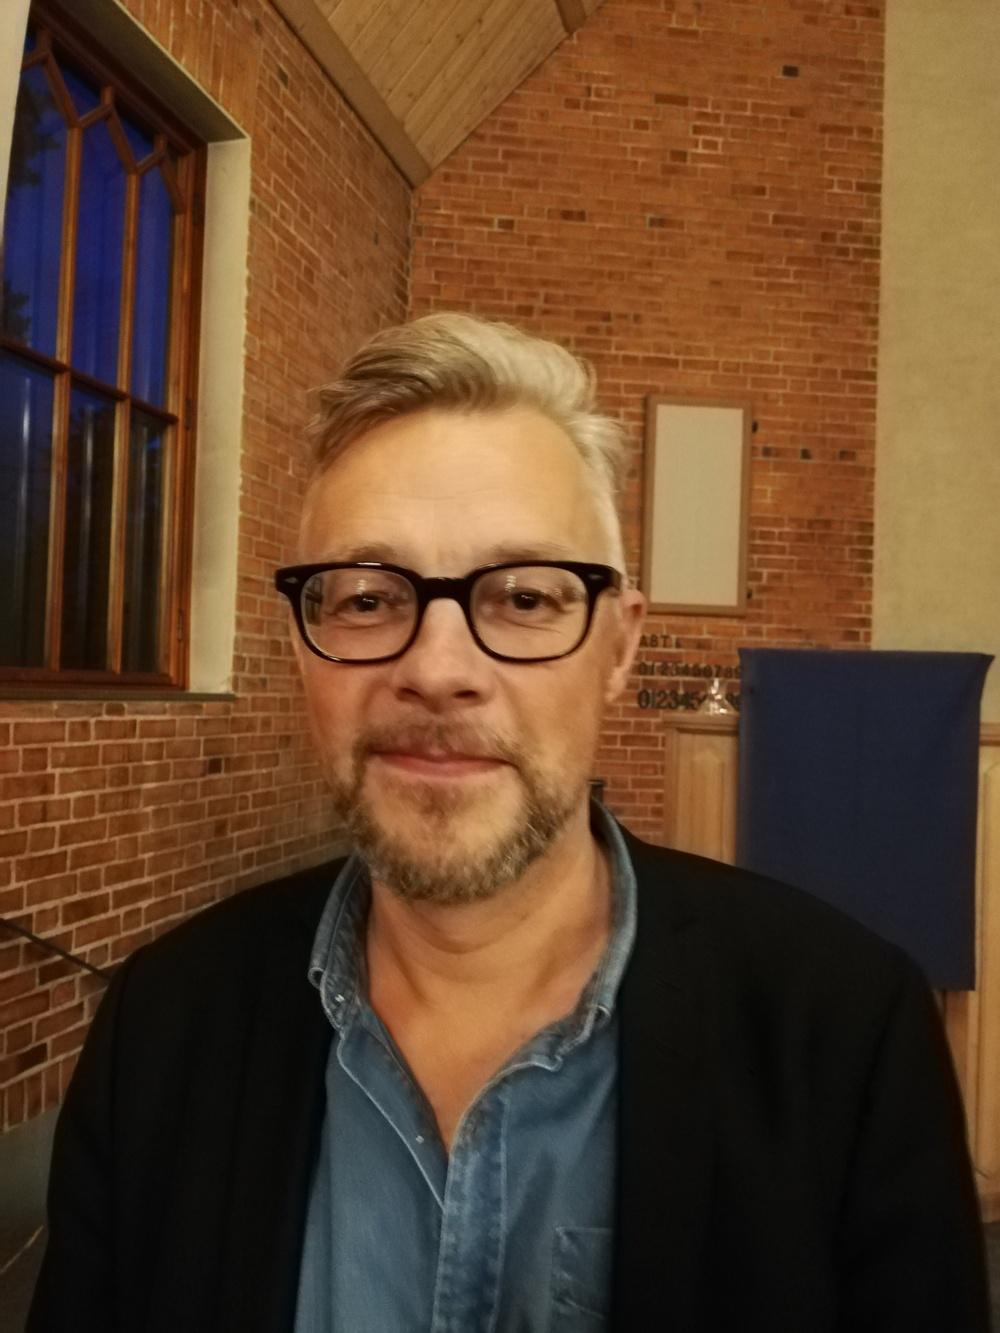 Paul Tenngart som tilldelas Deverthska Kulturstiftelsens stipendium 2019.